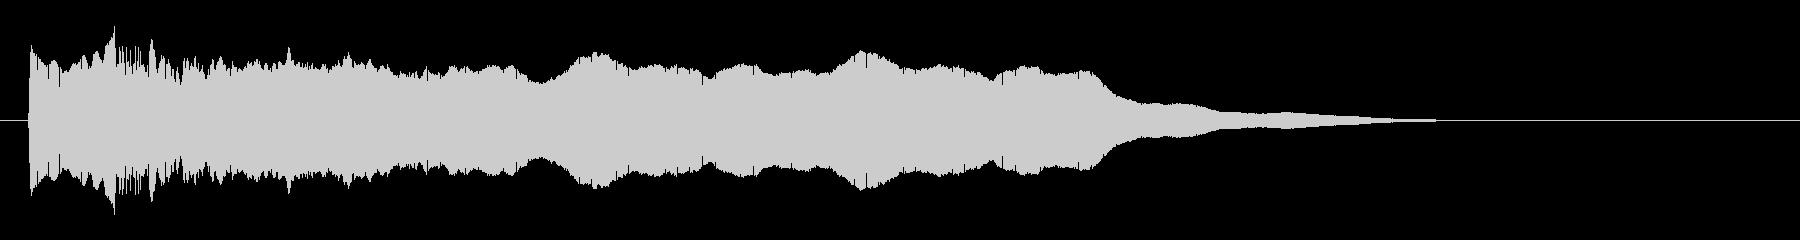 ほら貝 合戦音  の未再生の波形